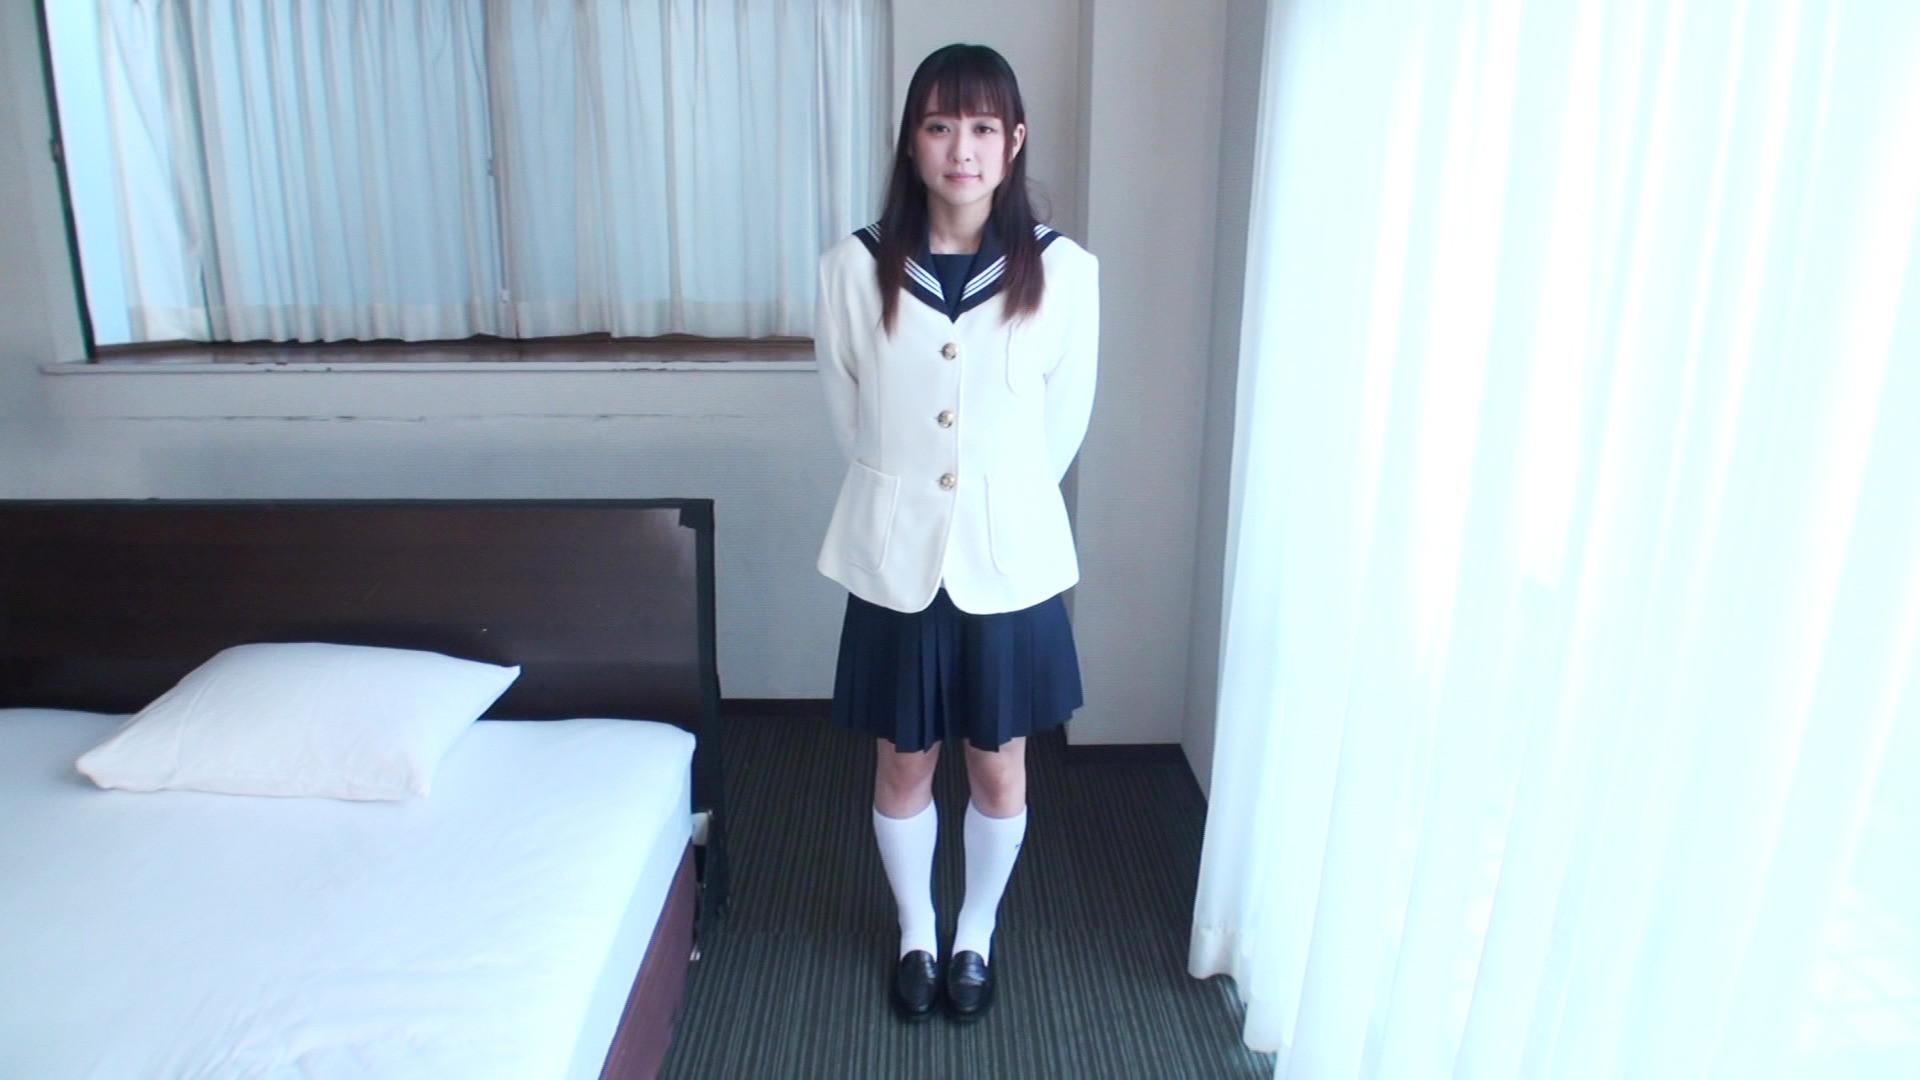 大きな瞳が魅力的な制服姿の美少女をホテルに招いて犯ラセテもらいましたぁ!! 画像1